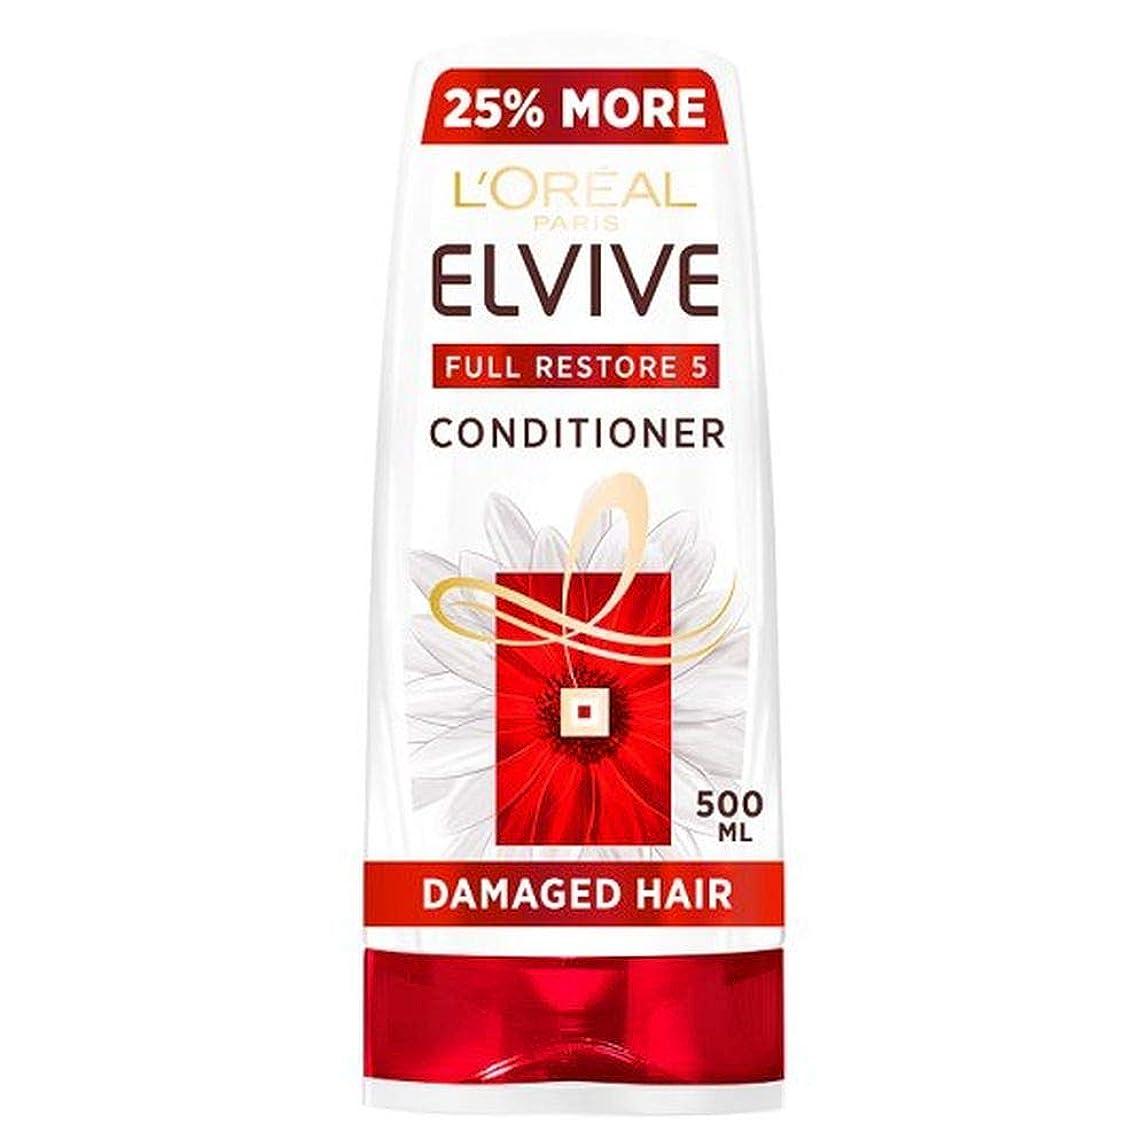 路面電車ホテルホテル[Elvive] ロレアルElvive極度のダメージヘアコンディショナー500ミリリットル - L'oreal Elvive Extreme Damaged Hair Conditioner 500Ml [並行輸入品]